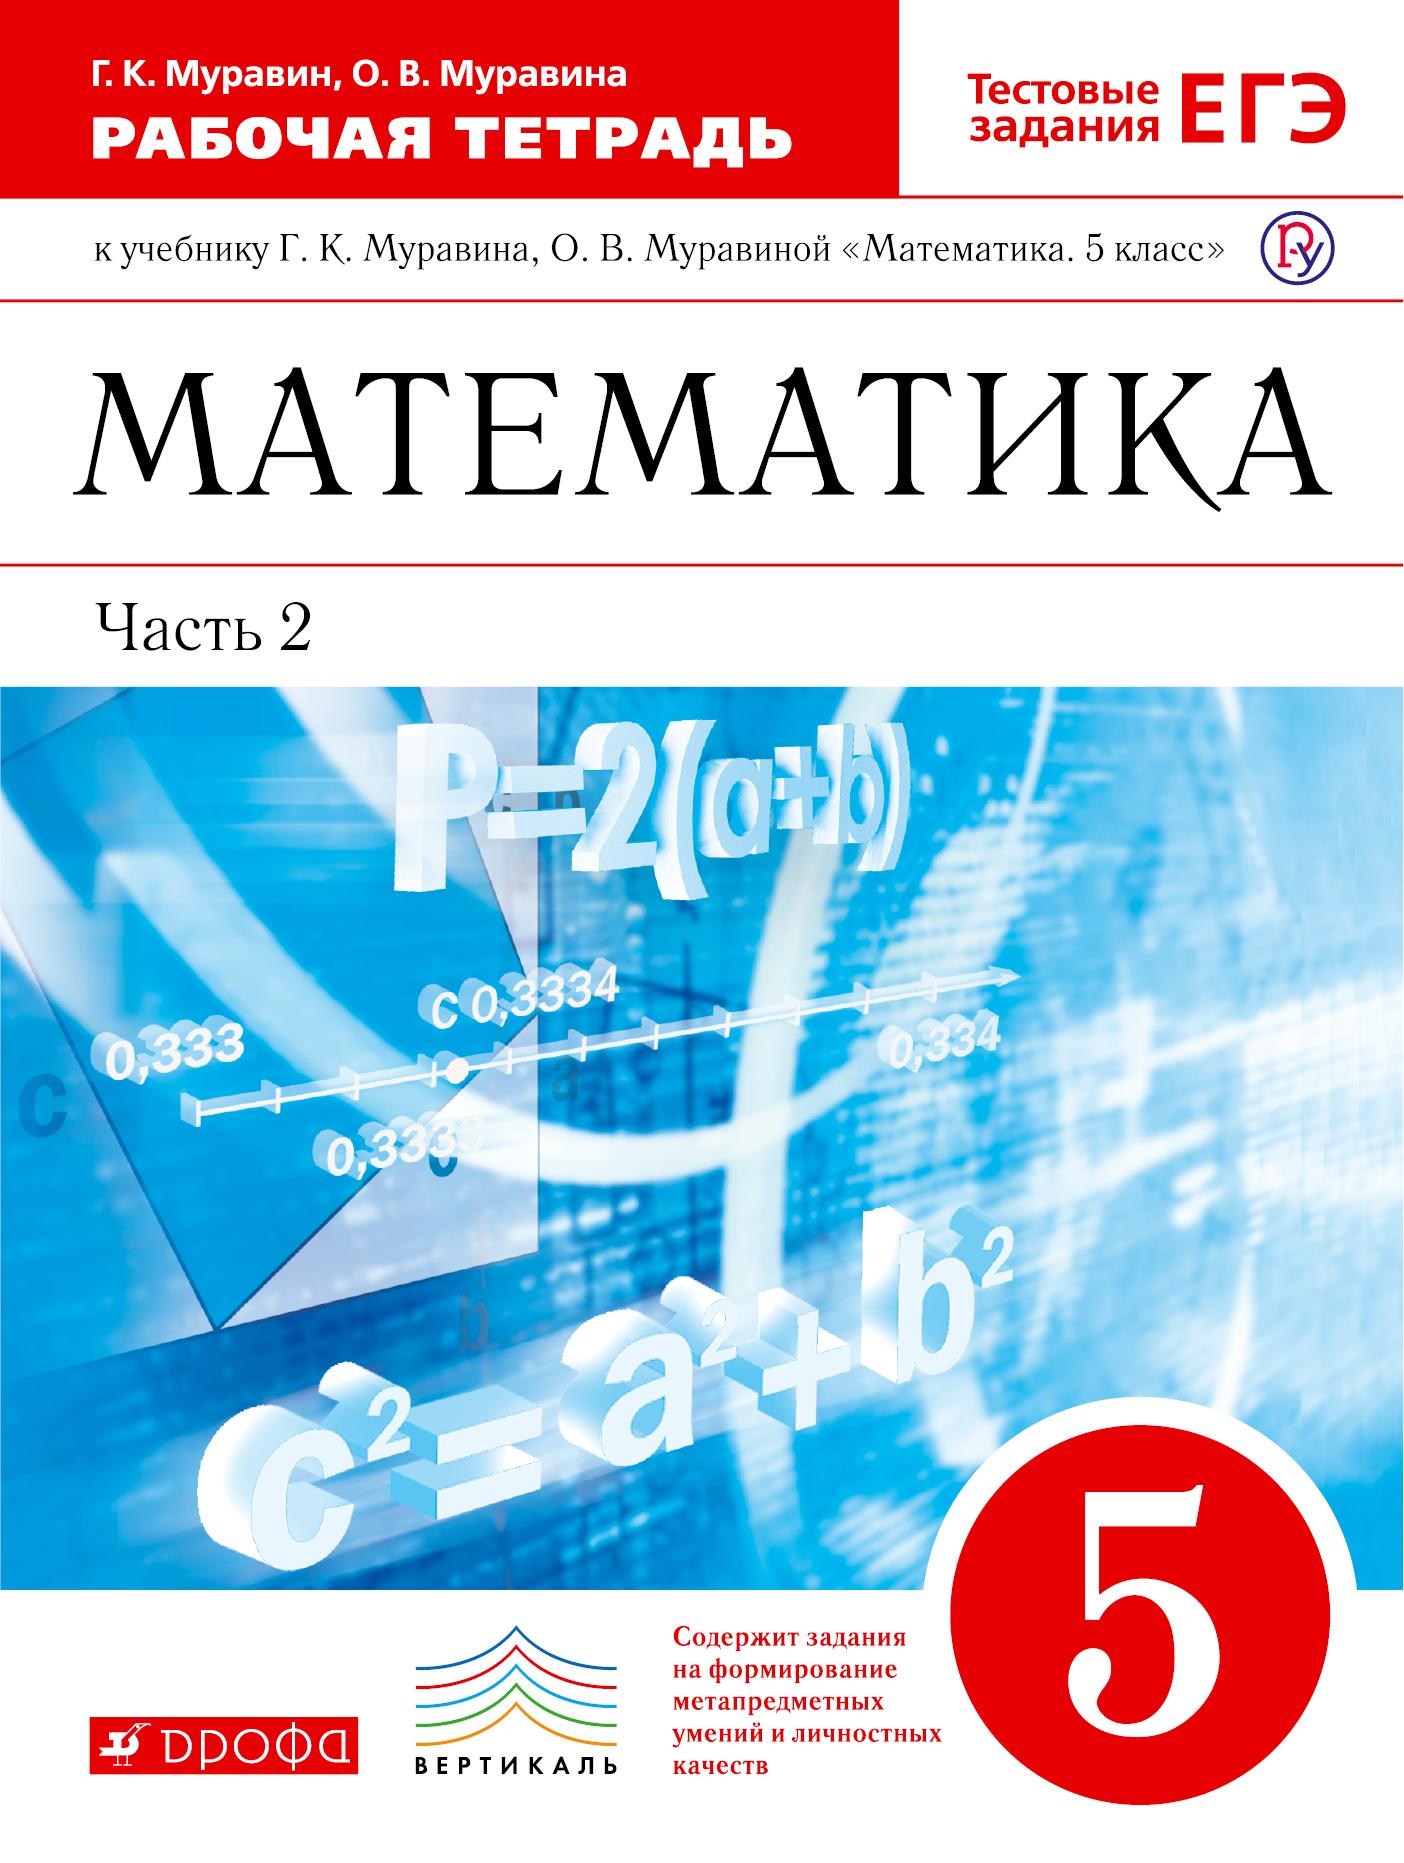 Математика. 5 класс. Рабочая тетрадь. Часть 2 (с тестовыми заданиями ЕГЭ).